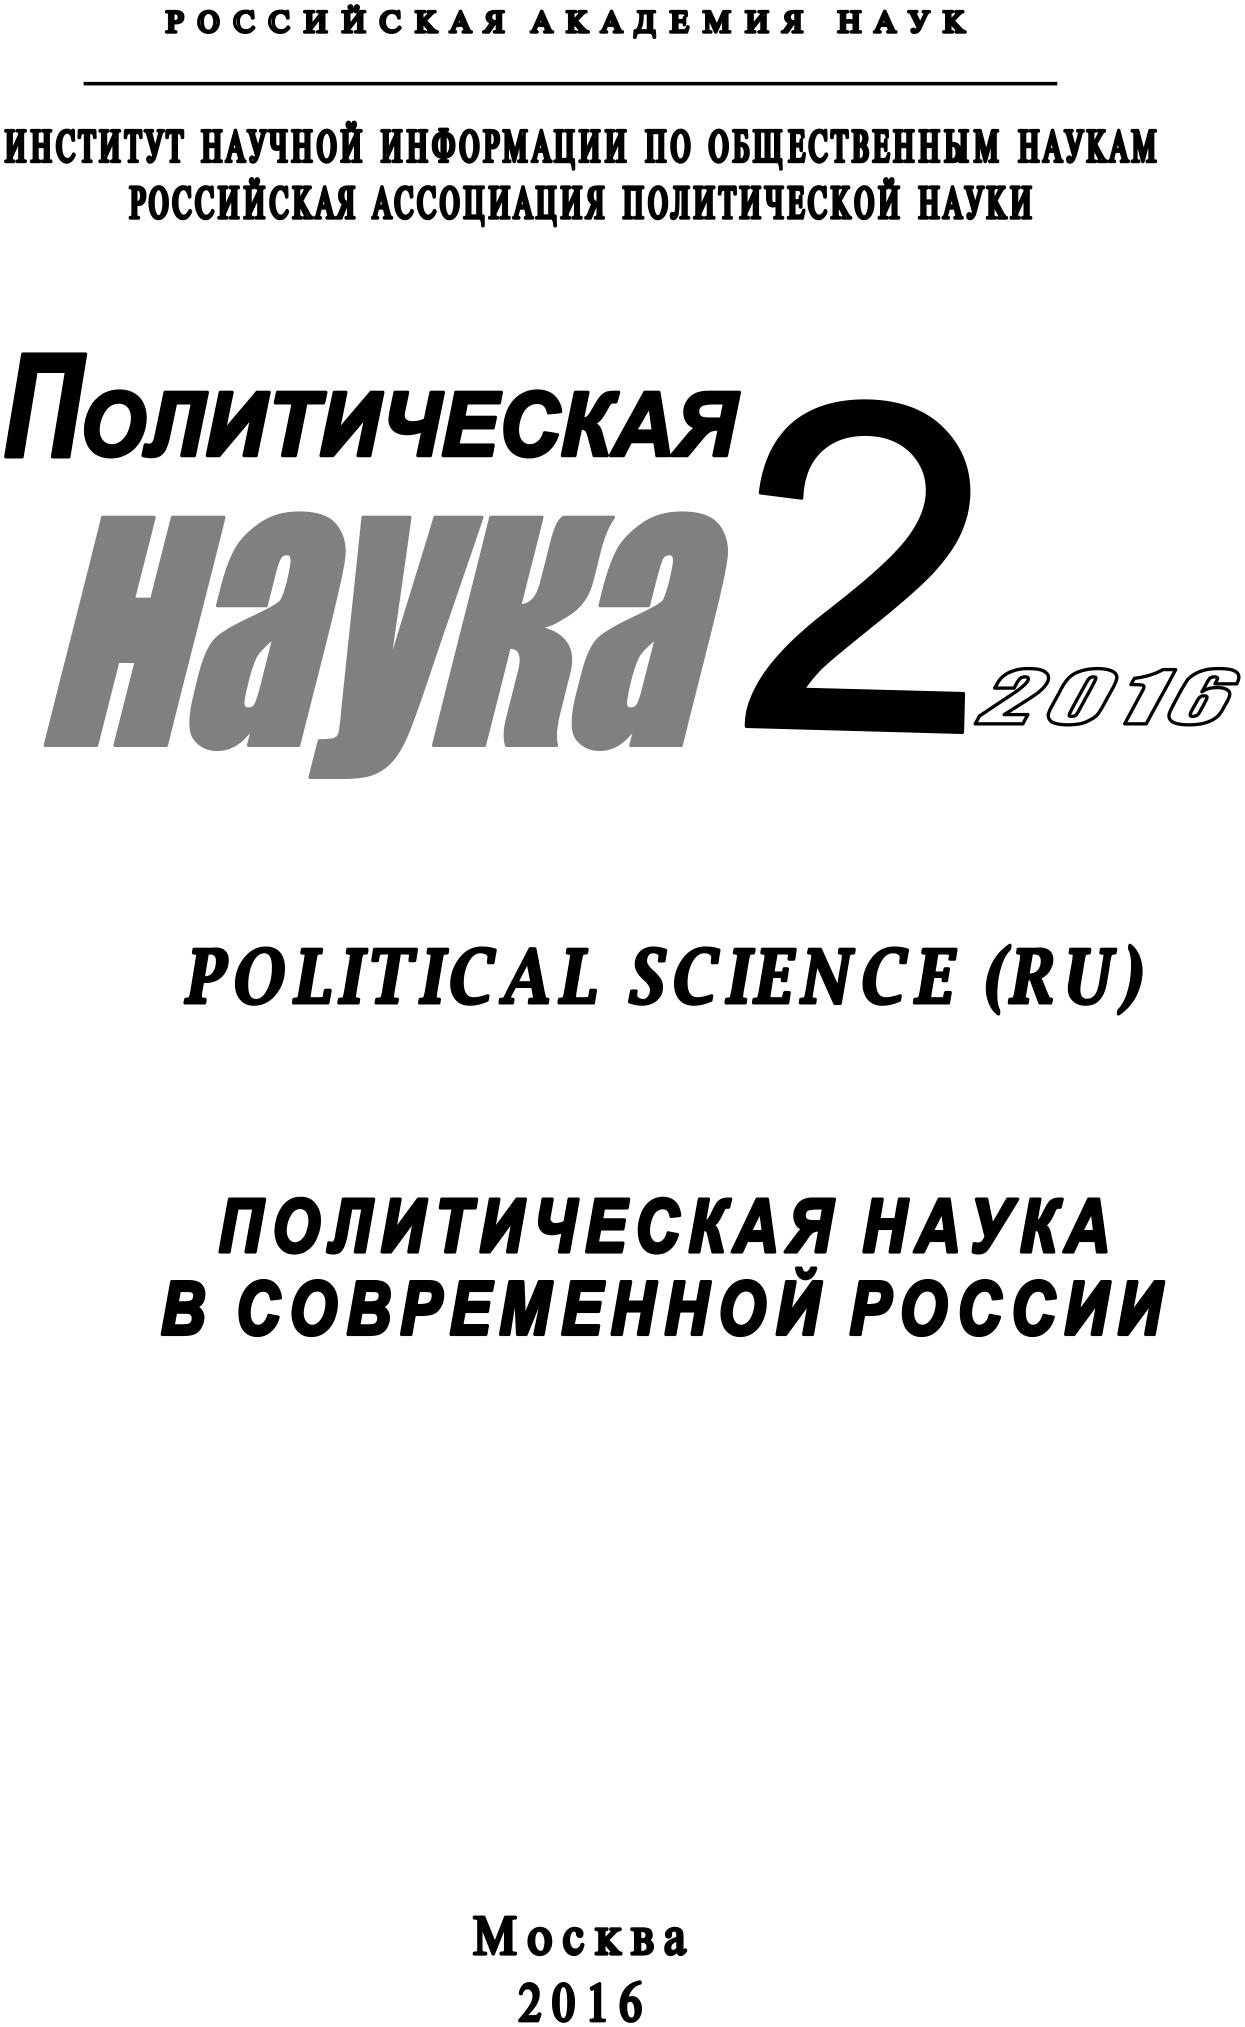 Коллектив авторов Политическая наука №2 / 2016. Политическая наука в современной России